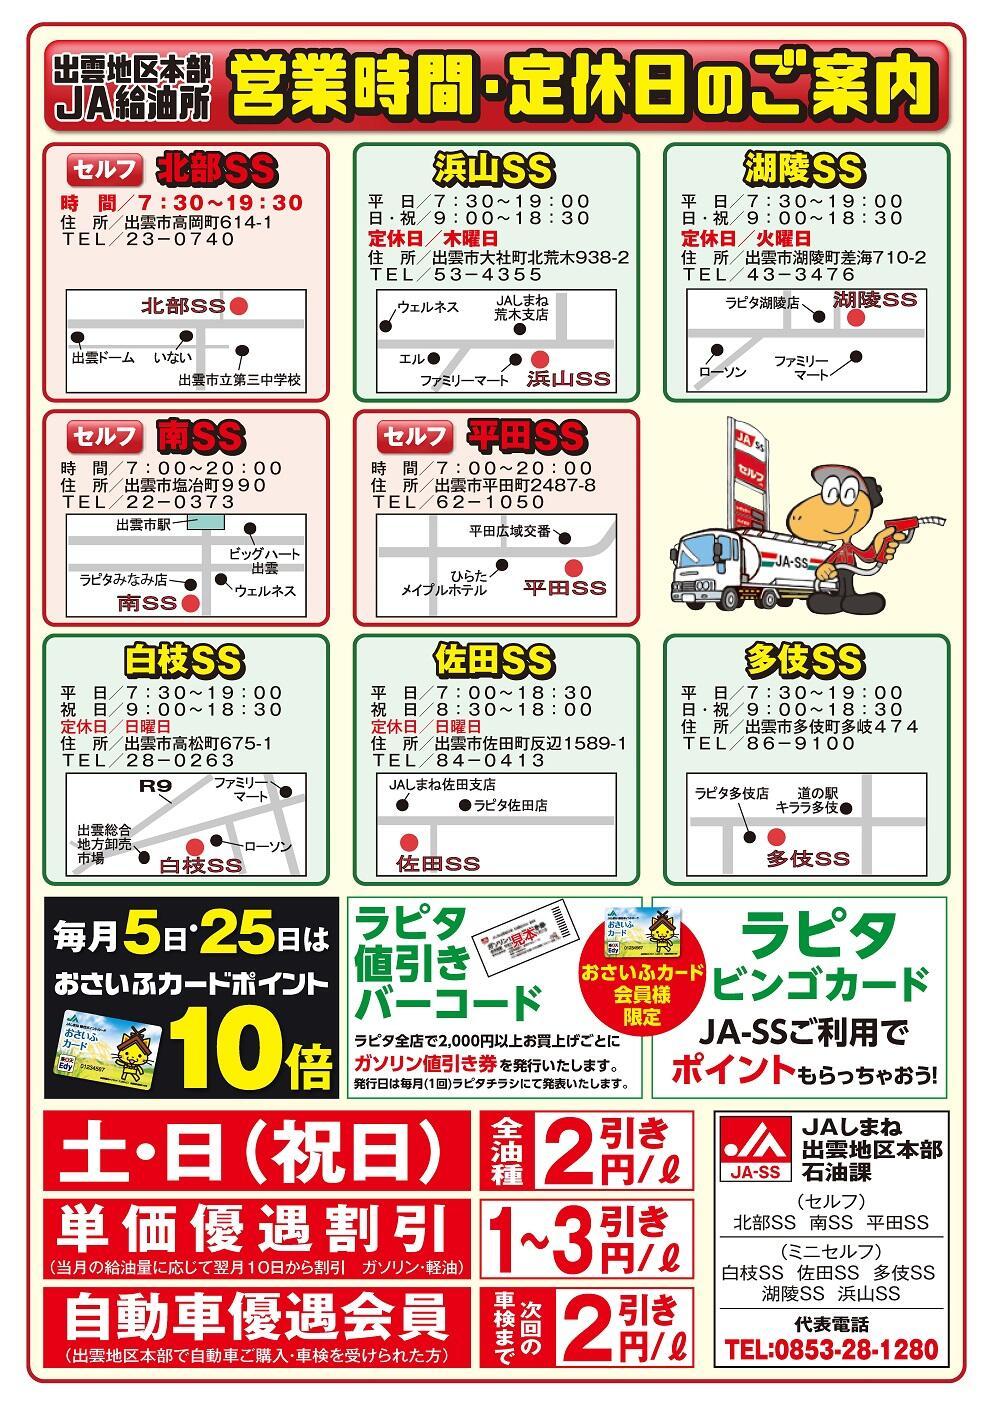 営業時間・定休日のお知らせ.jpg